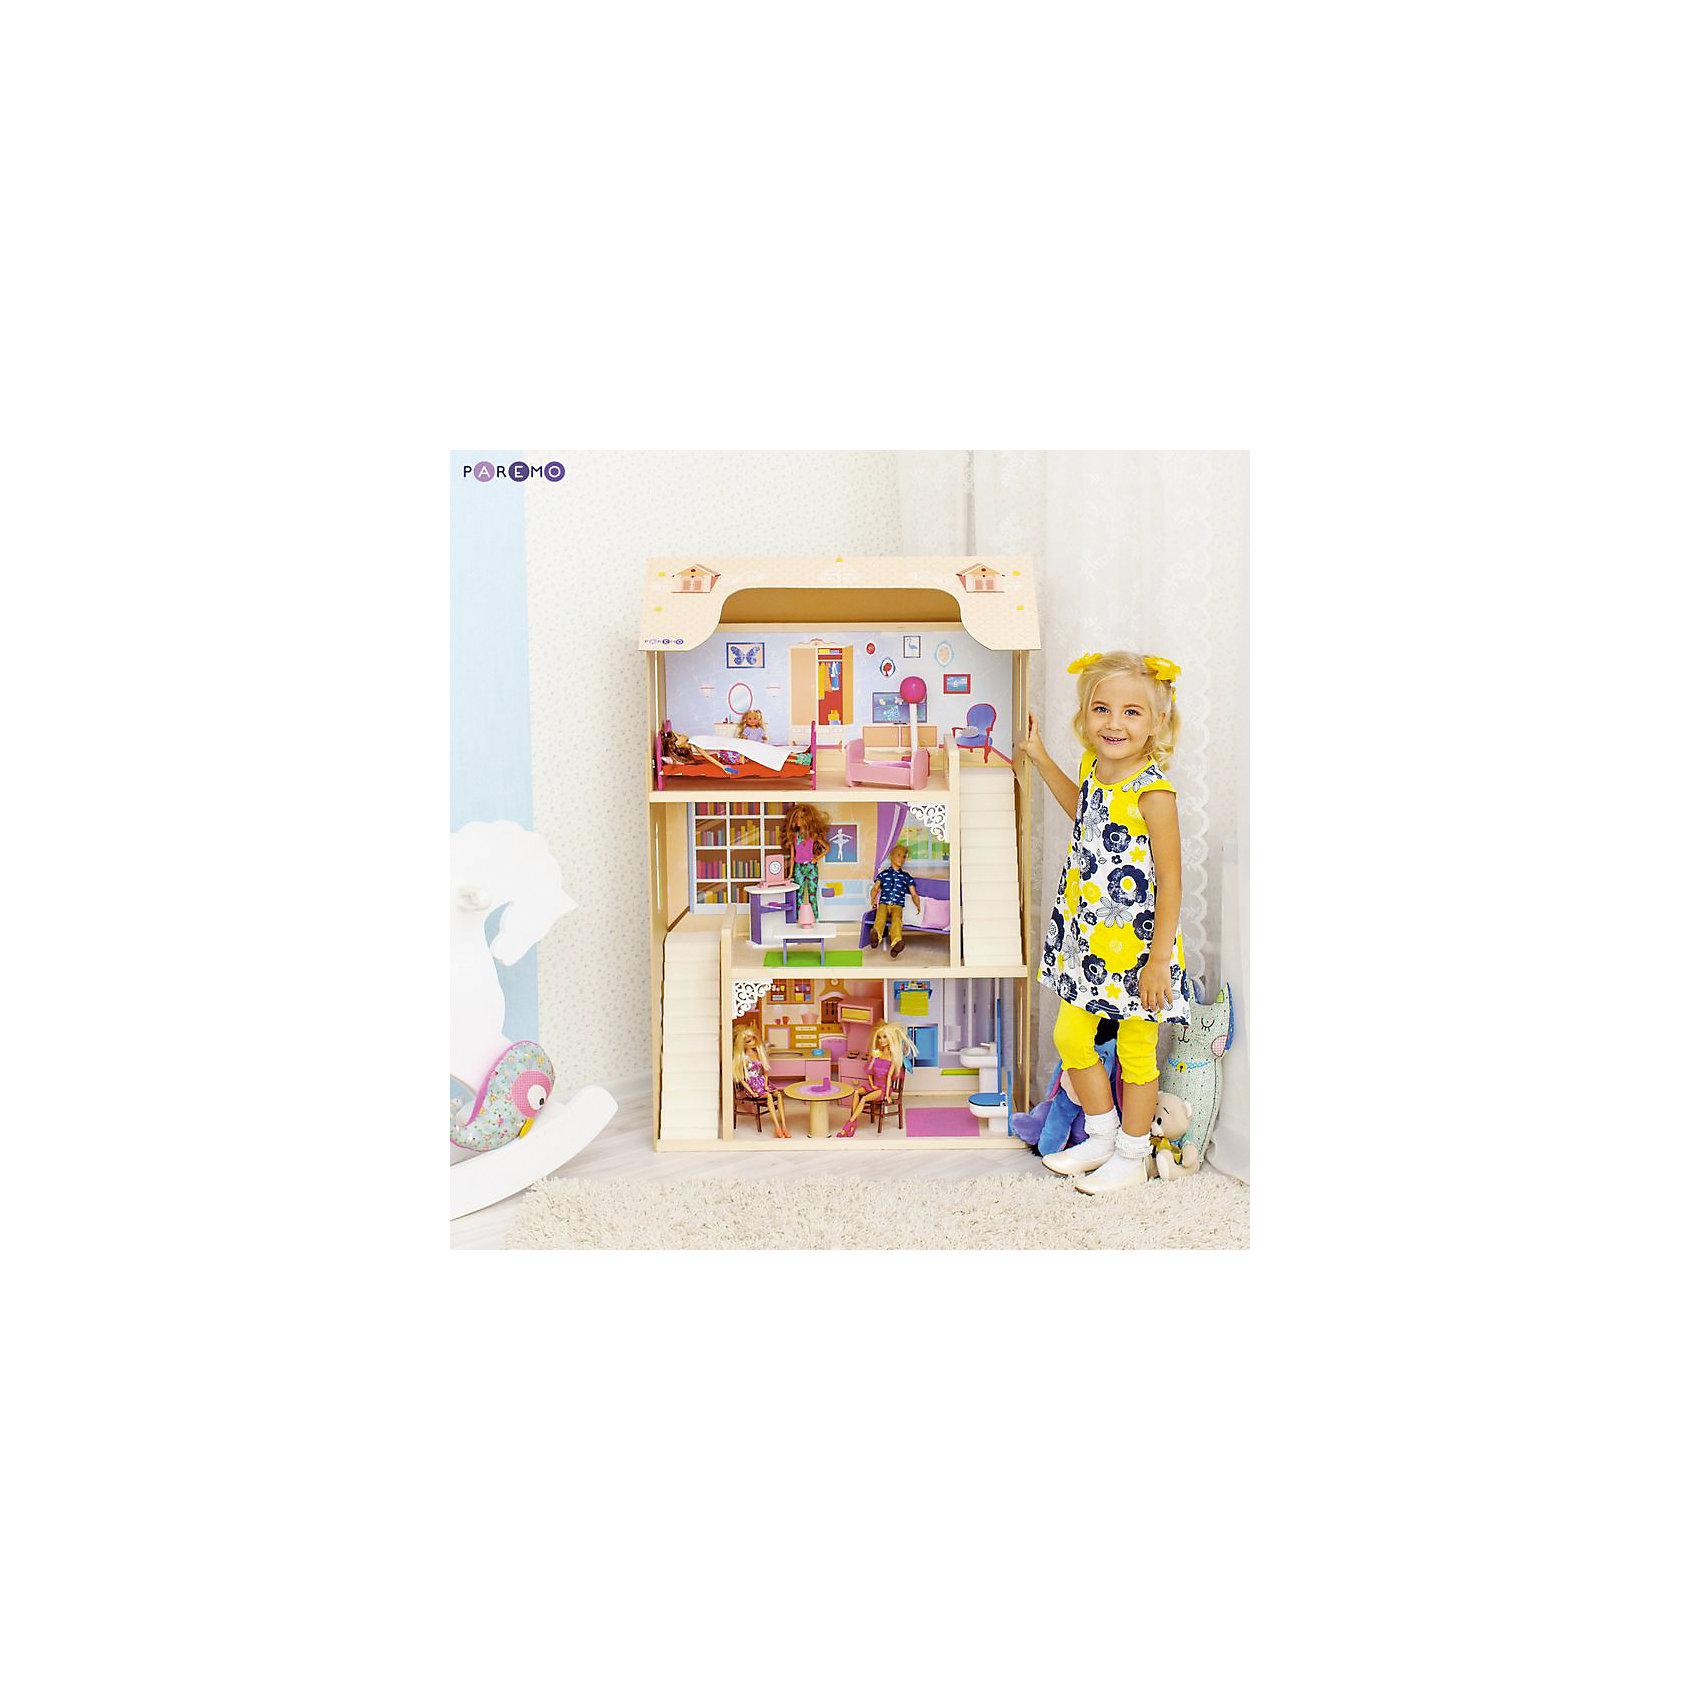 Домик для Барби Шарм, с аксессуарами, PAREMOИгрушечные домики и замки<br>Домик для Барби Шарм, с аксессуарами, PAREMO.<br><br>Характеристики:<br>•Материал: дерево, фанера, флок, фетр. Сделан из натуральных материалов- 100% дерево, ни одного пластикового элемента в каркасе и мебели.<br>•Домик имеет пристенную конструкцию: задняя часть домика глухая, а передняя – открыта.<br>•В доме 3 этажа и 4 просторные комнаты<br>•Окна в кукольном домике двух типов – в виде больших белых рам по бокам дома и большое окно-наклейка в гостиной.<br>•Домик окрашен в бежевый цвет. Оттенок максимально приближен к цвету натуральной древесины. <br>•Подходит для всех кукол высотой до 30 см<br>•Конструкция продается в разобранном виде. Инструкция по сборке входит в комплект.<br>•Размер игрушки в собранном виде - 82х33х120 см.<br>•Размер упаковки - 88х36х30 см.<br>•Вес 16 кг. <br><br>В комплекте:<br><br>• 16 аксессуаров: раковина, унитаз (крышка поднимается), круглый обеденный стол, 2  стула, кухонная плита (дверца духового шкафа открывается, верхняя полка выдвигается), кухонная мойка (боковые дверцы открываются), диван, журнальный столик, открытый шкафчик, часы, настольная лампа, 2 кровати, колыбель, торшер. <br>• 28 декоративных наклеек для украшения интерьера и фасадов (2 окна на крыше, 8 цветов и 2 балкона, коврик для ванной, ванна и шкафчик для полотенец, ажурная салфетка для обеденного стола и кухонная полочка, большое окно и цветок в гостиной, гардероб и 6 семейных фоторамок и картин в спальне)<br><br>ВНИМАНИЕ! Куклы, кукольная одежда и транспорт, а также текстиль приобретается отдельно!<br><br>Домик для Барби Шарм, с аксессуарами, PAREMO – игрушка от российского производителя. . На первом этаже располагаются кухня-столовая и ванная комната, на втором – гостиная, на третьем – кукольная спальня. Между этажами куклы передвигаются по лестнице. Лестница имеет флоковое покрытие, бархатистое и мягкое на ощупь, создающее ощущение уюта и мягкости. По бокам домик украшают цветочные вазы и белосне